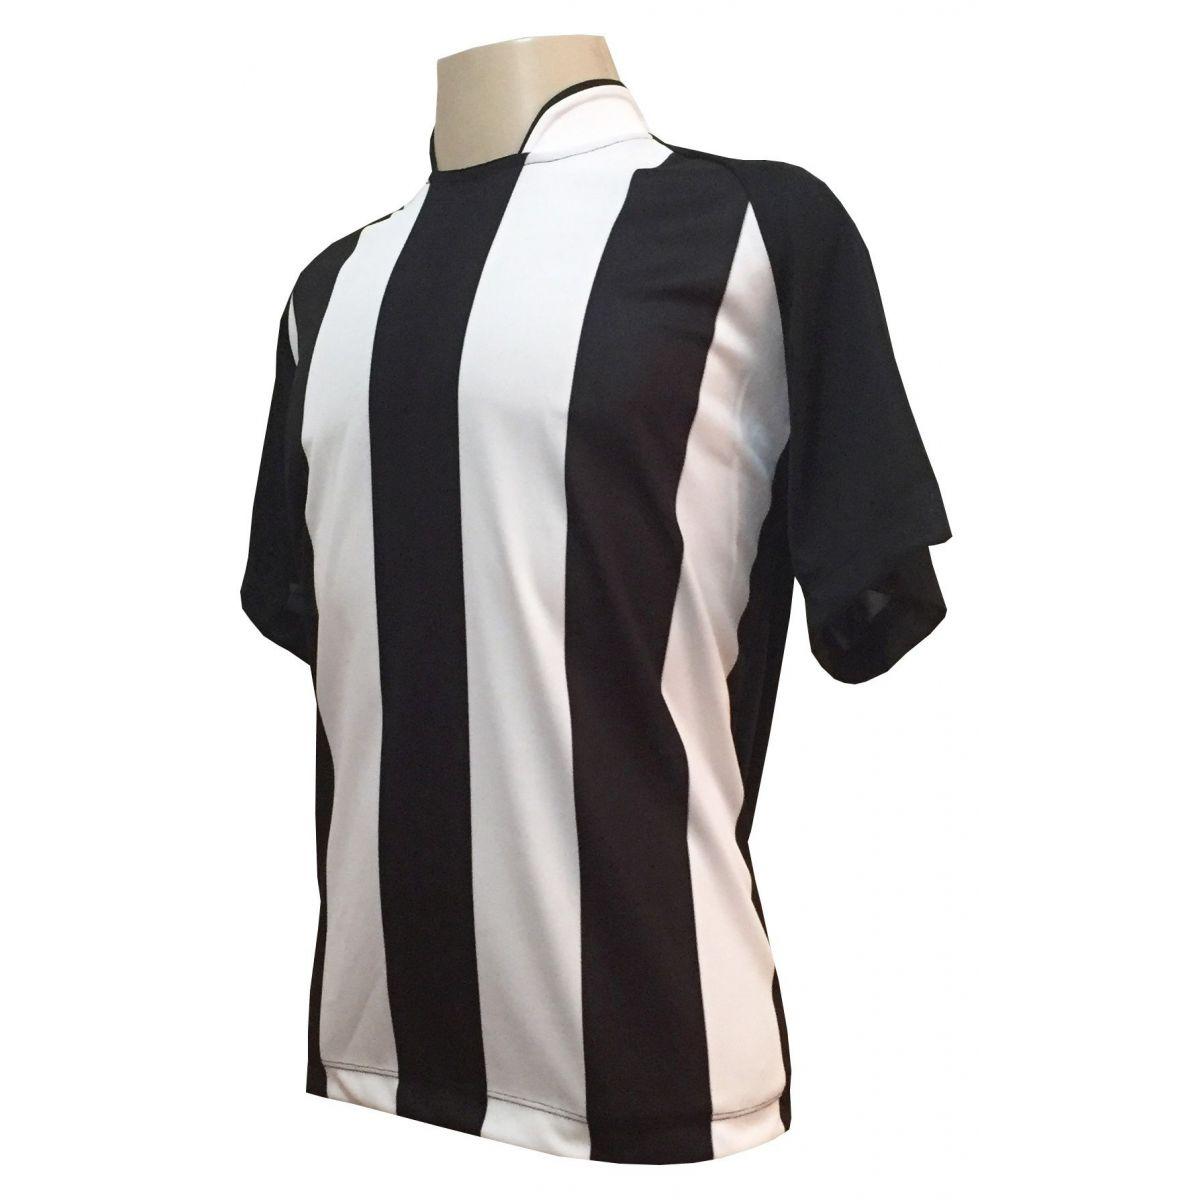 Uniforme Esportivo com 18 camisas modelo Milan Preto/Branco + 18 calções modelo Copa Preto/Branco + Brindes